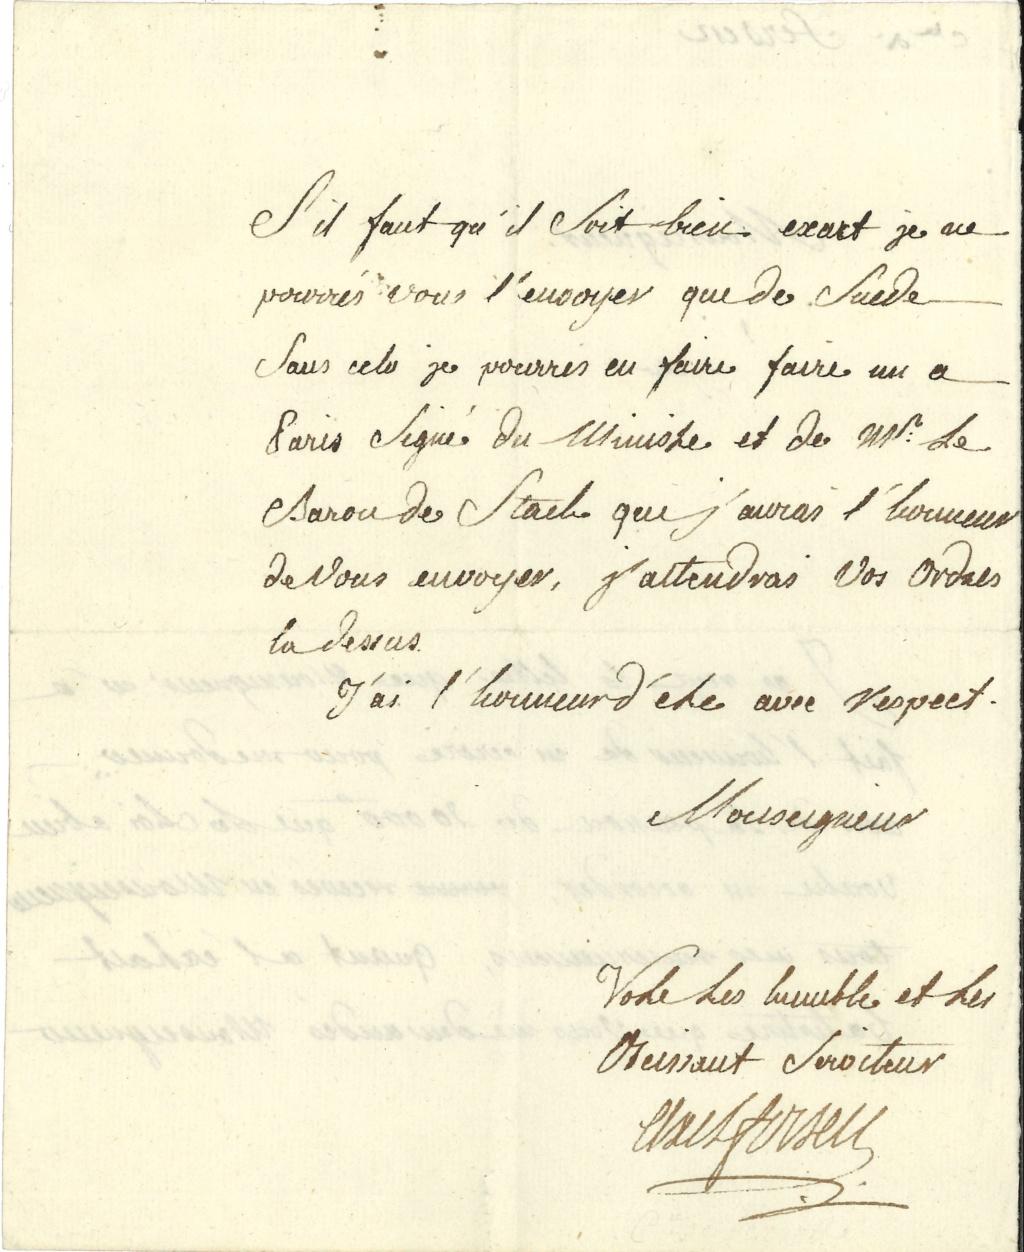 Lettres, mots, notes et extraits du journal d'Axel de Fersen - Page 2 15578411